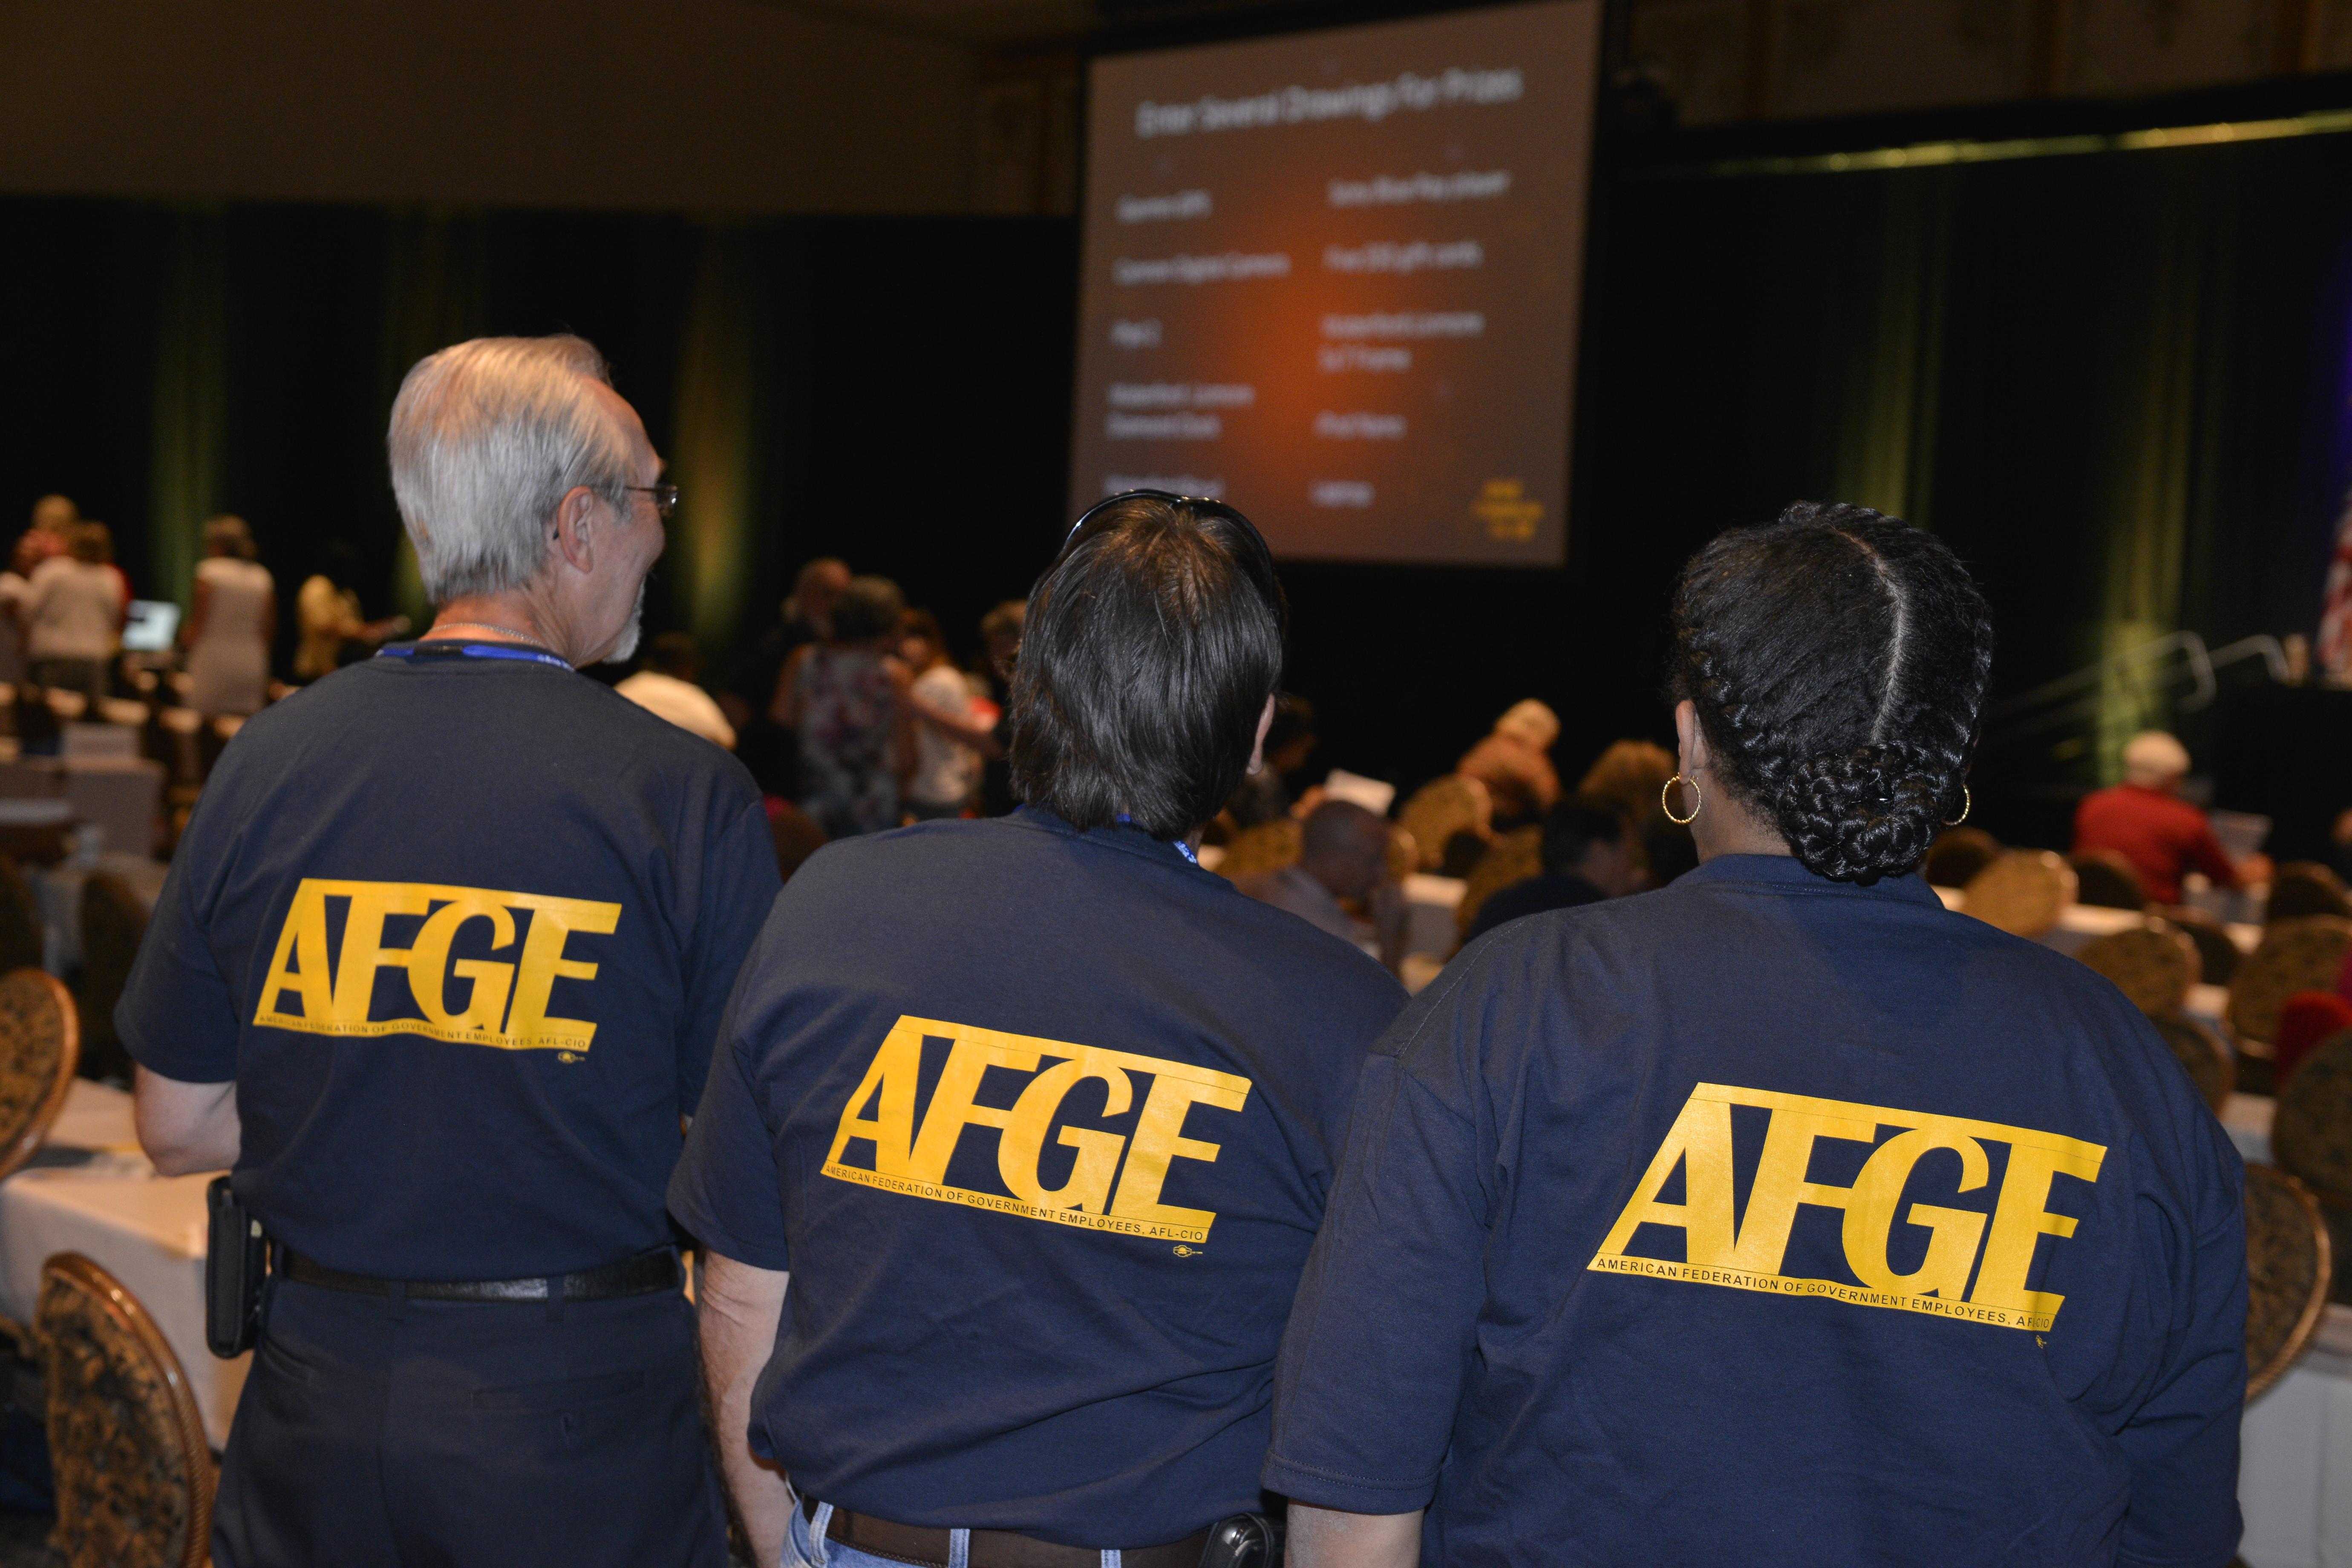 AFGE Information | Afgeunionblog's Blog